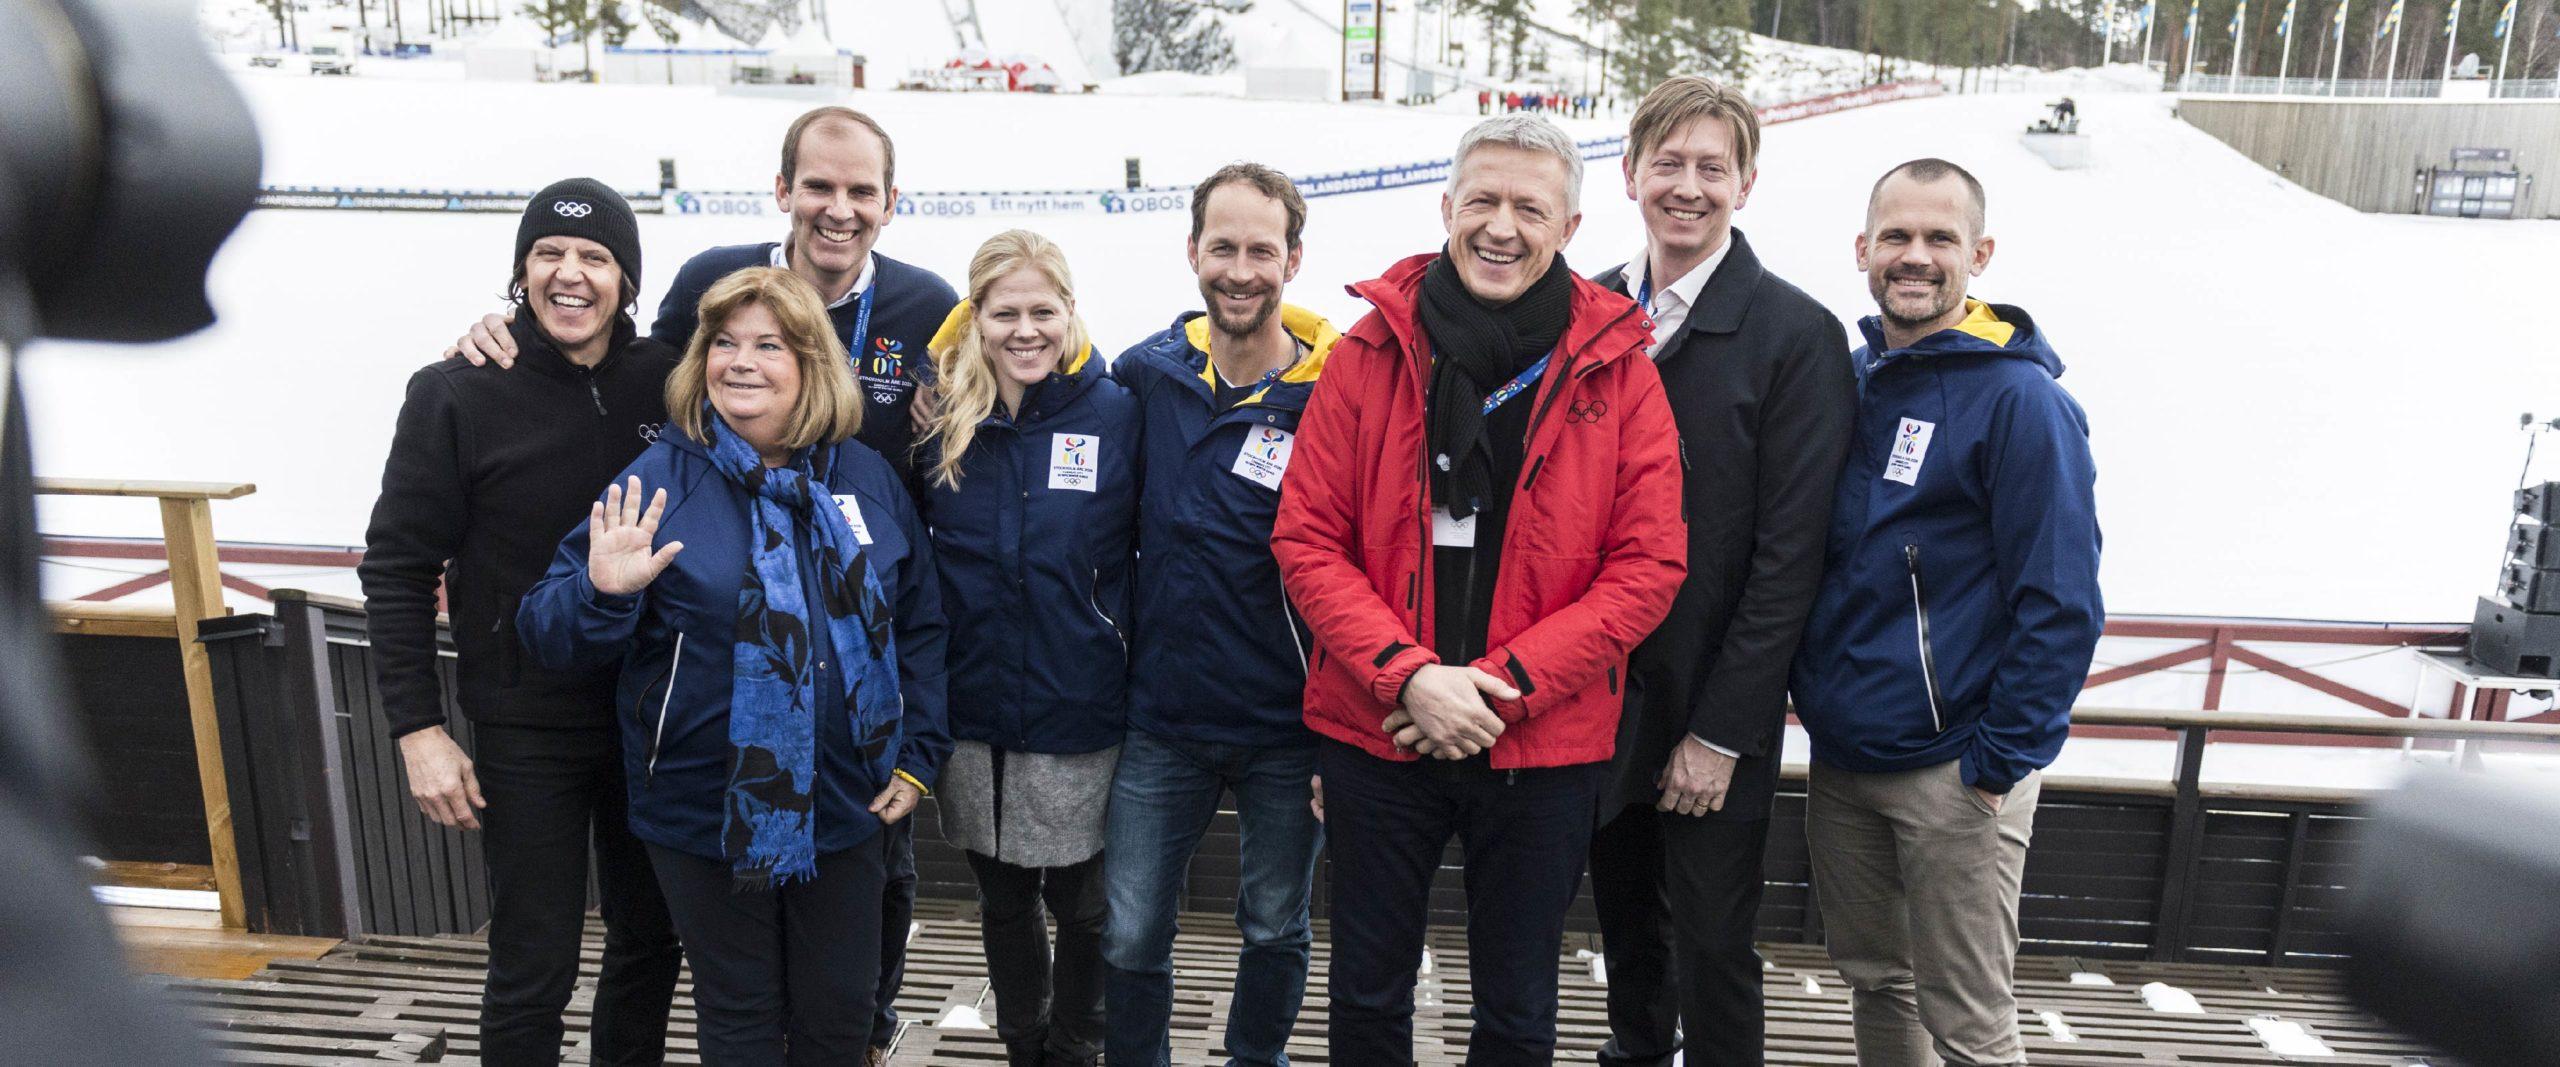 Comitê de Avaliação do COI em Estocolmo, Suécia, para avaliação dos locais de 2026.